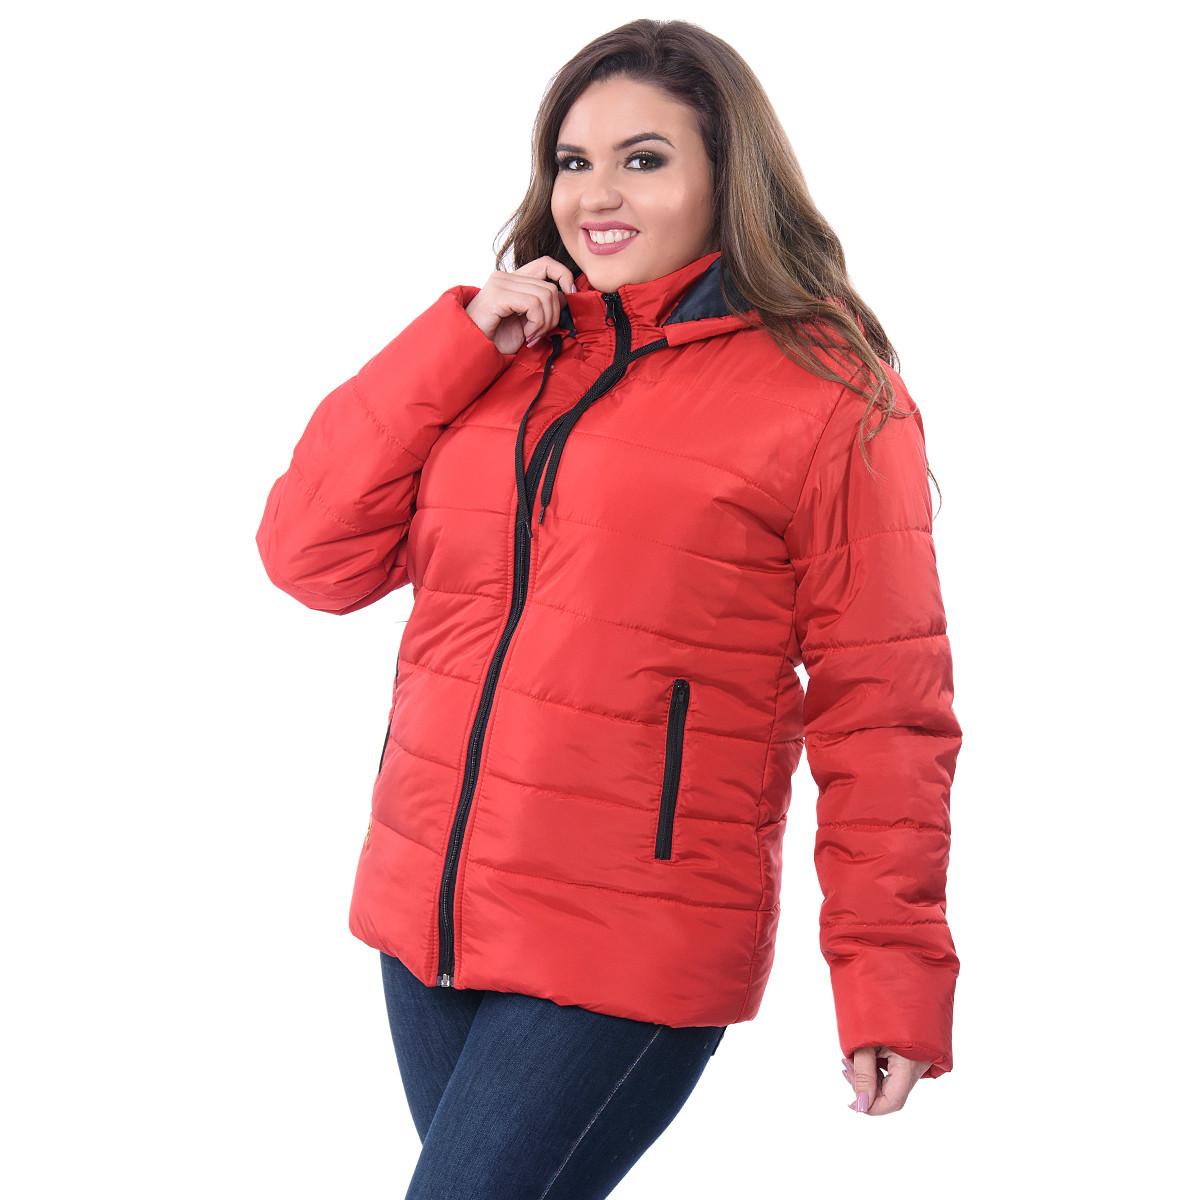 0a456fb3f318 Куртка женская красная батал K227G оптом и в розницу, жилеты и ...